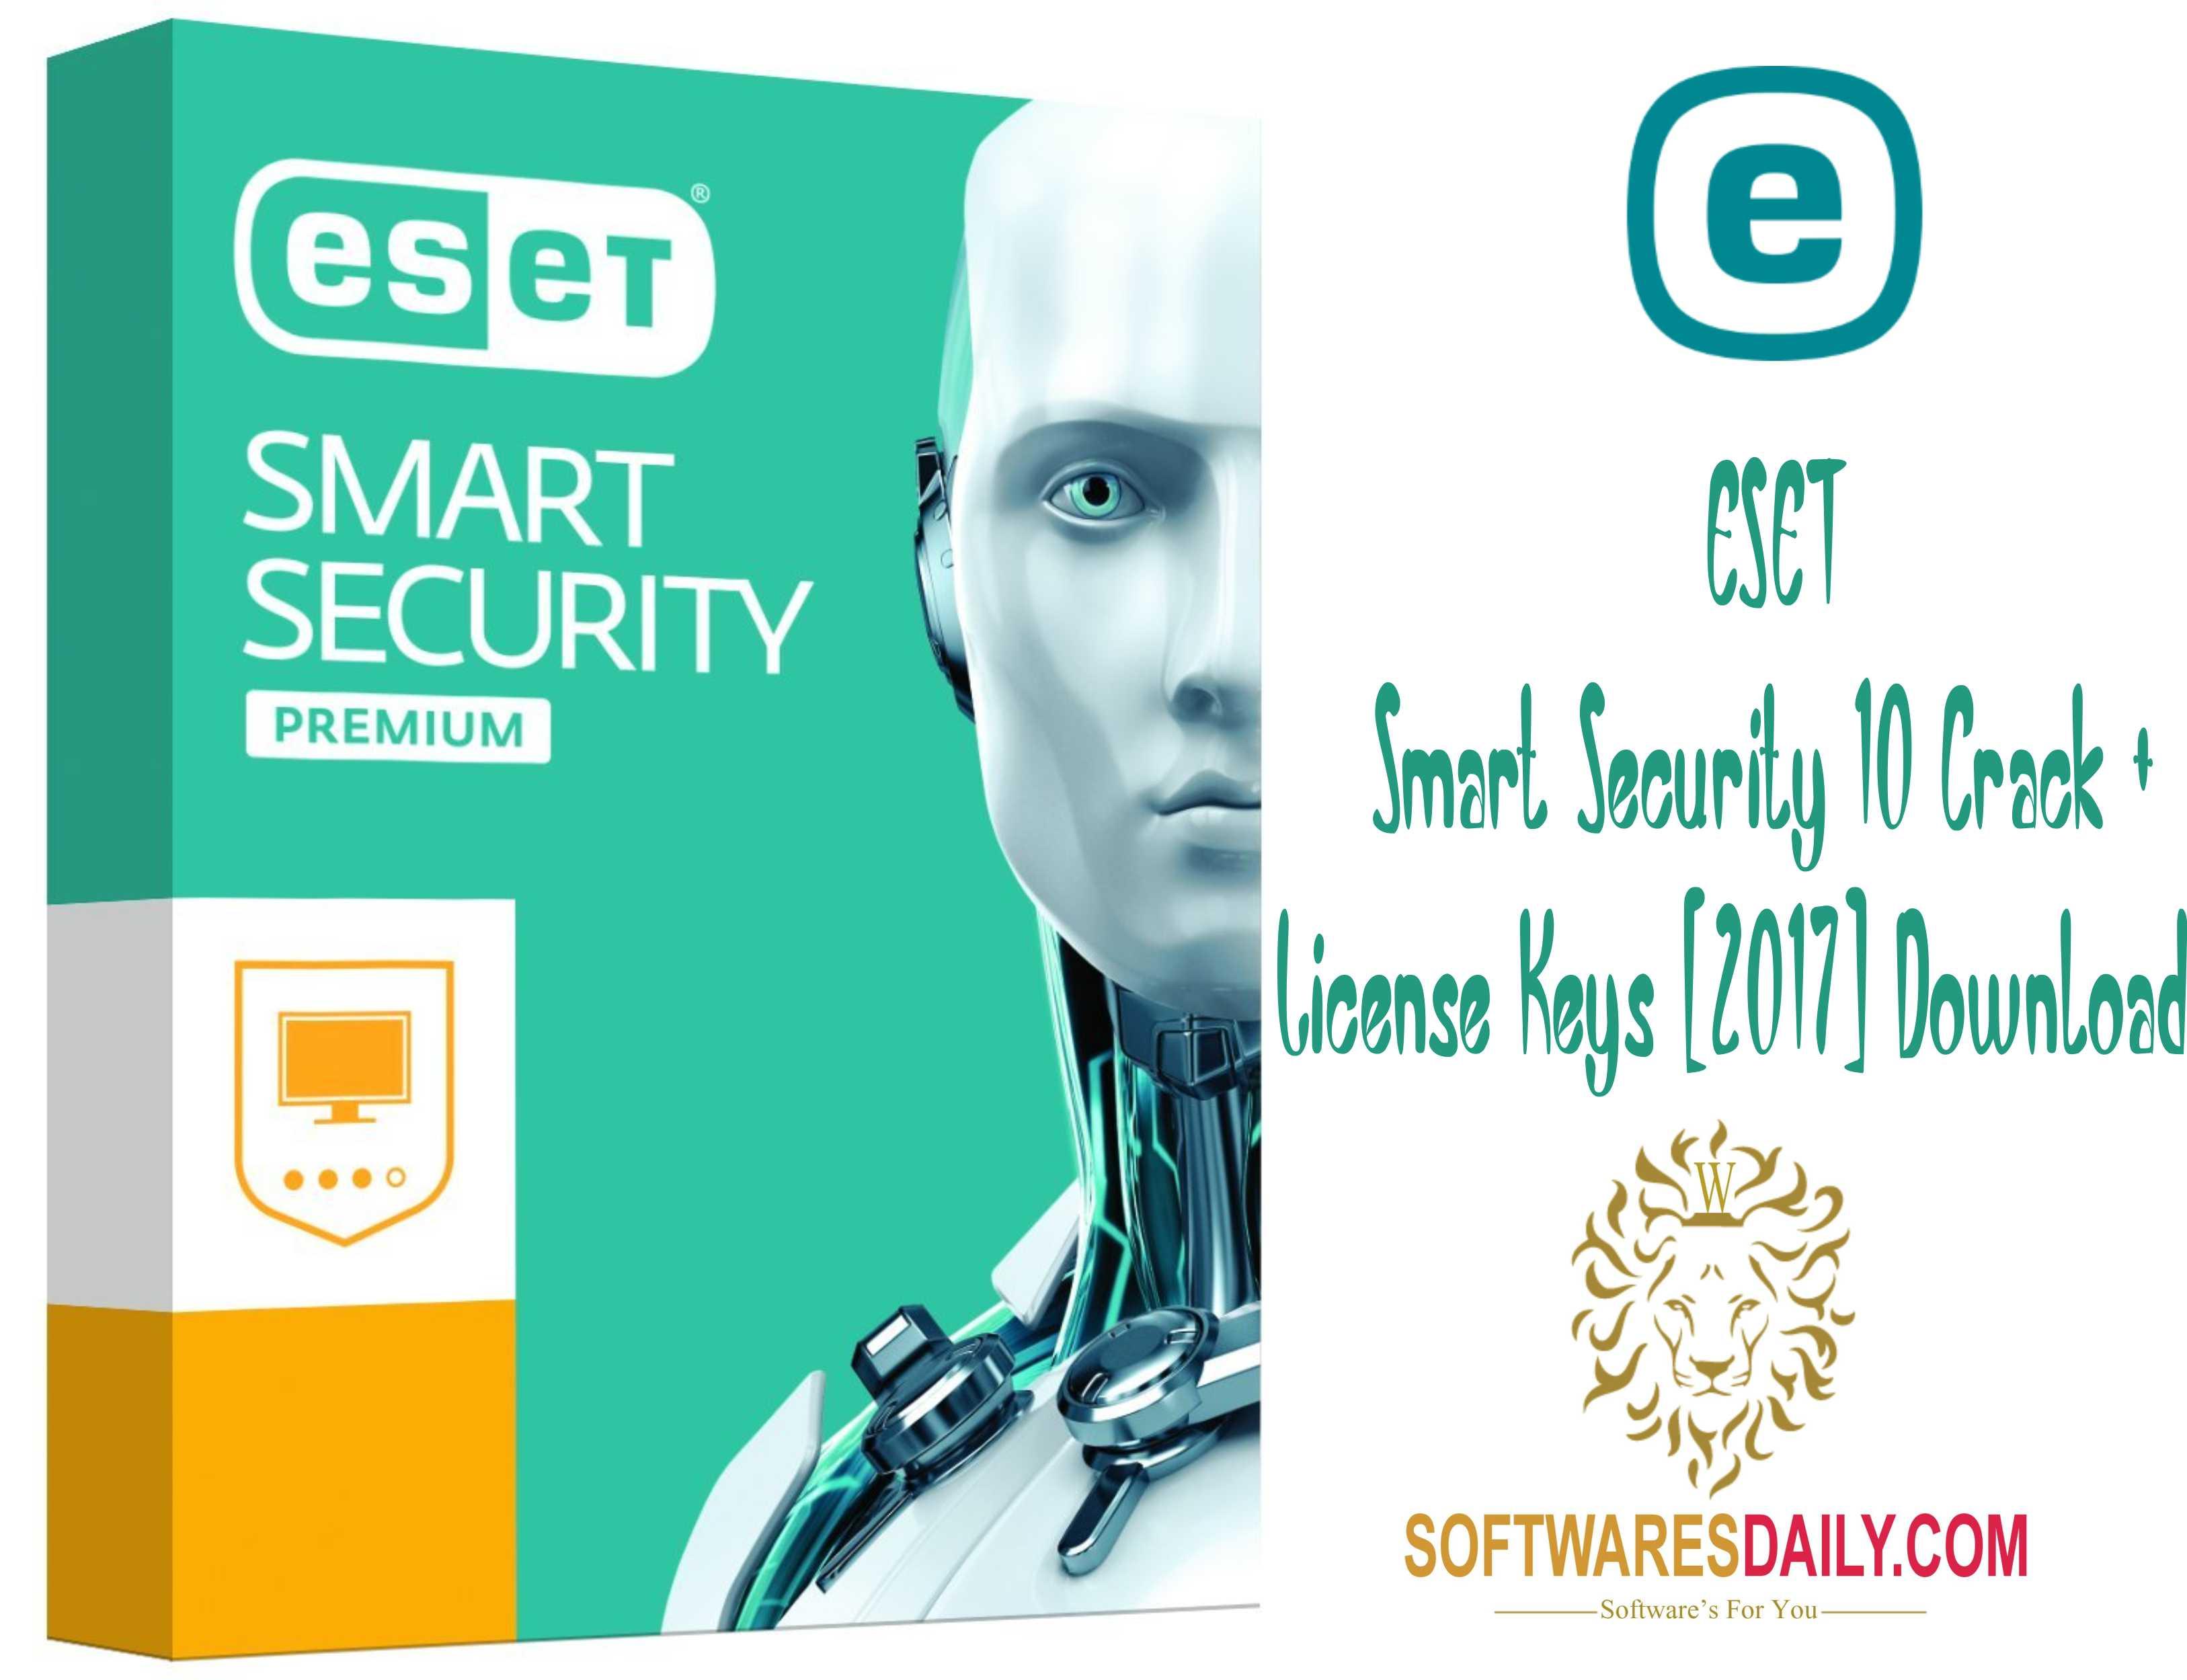 ESET Smart Security 10 Crack + License Keys [2017] Download